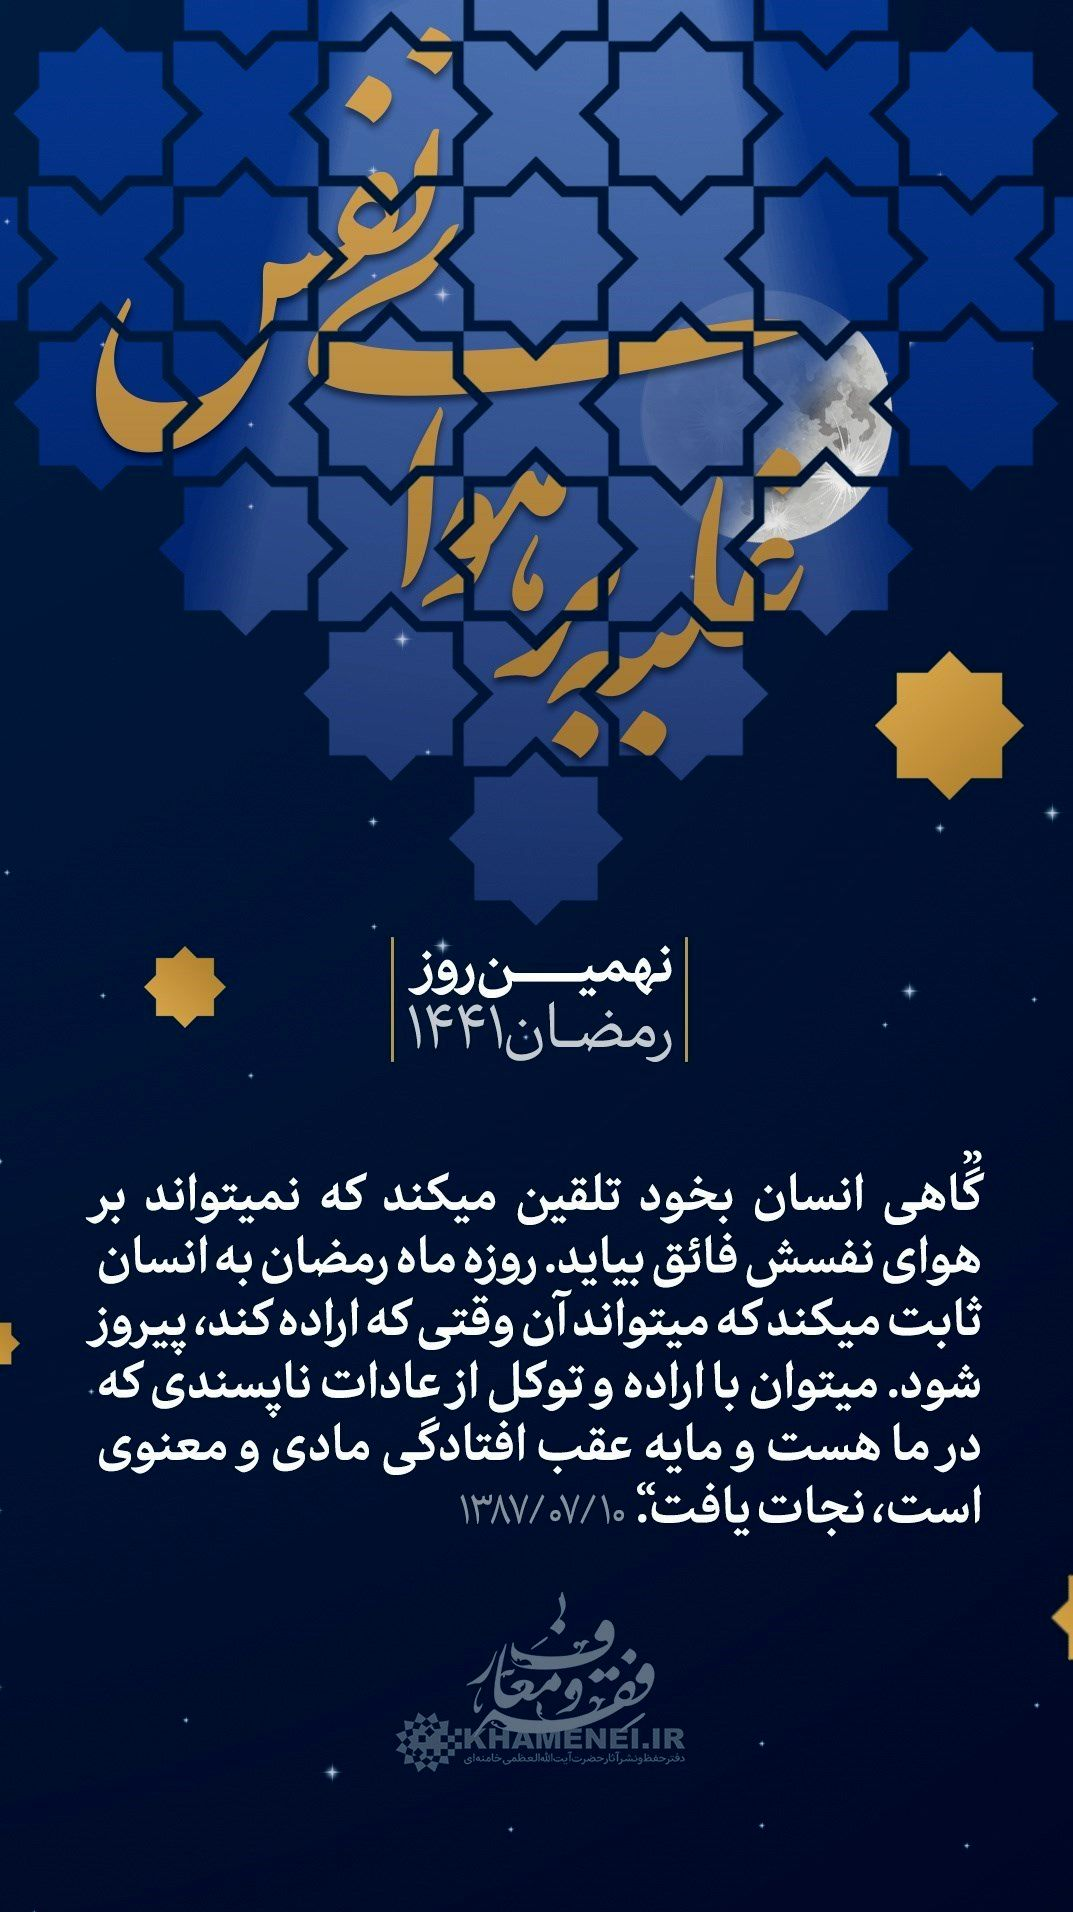 ماه مبارک رمضان , امام خامنهای , هنرهای تجسمی , پوستر , عکس ,